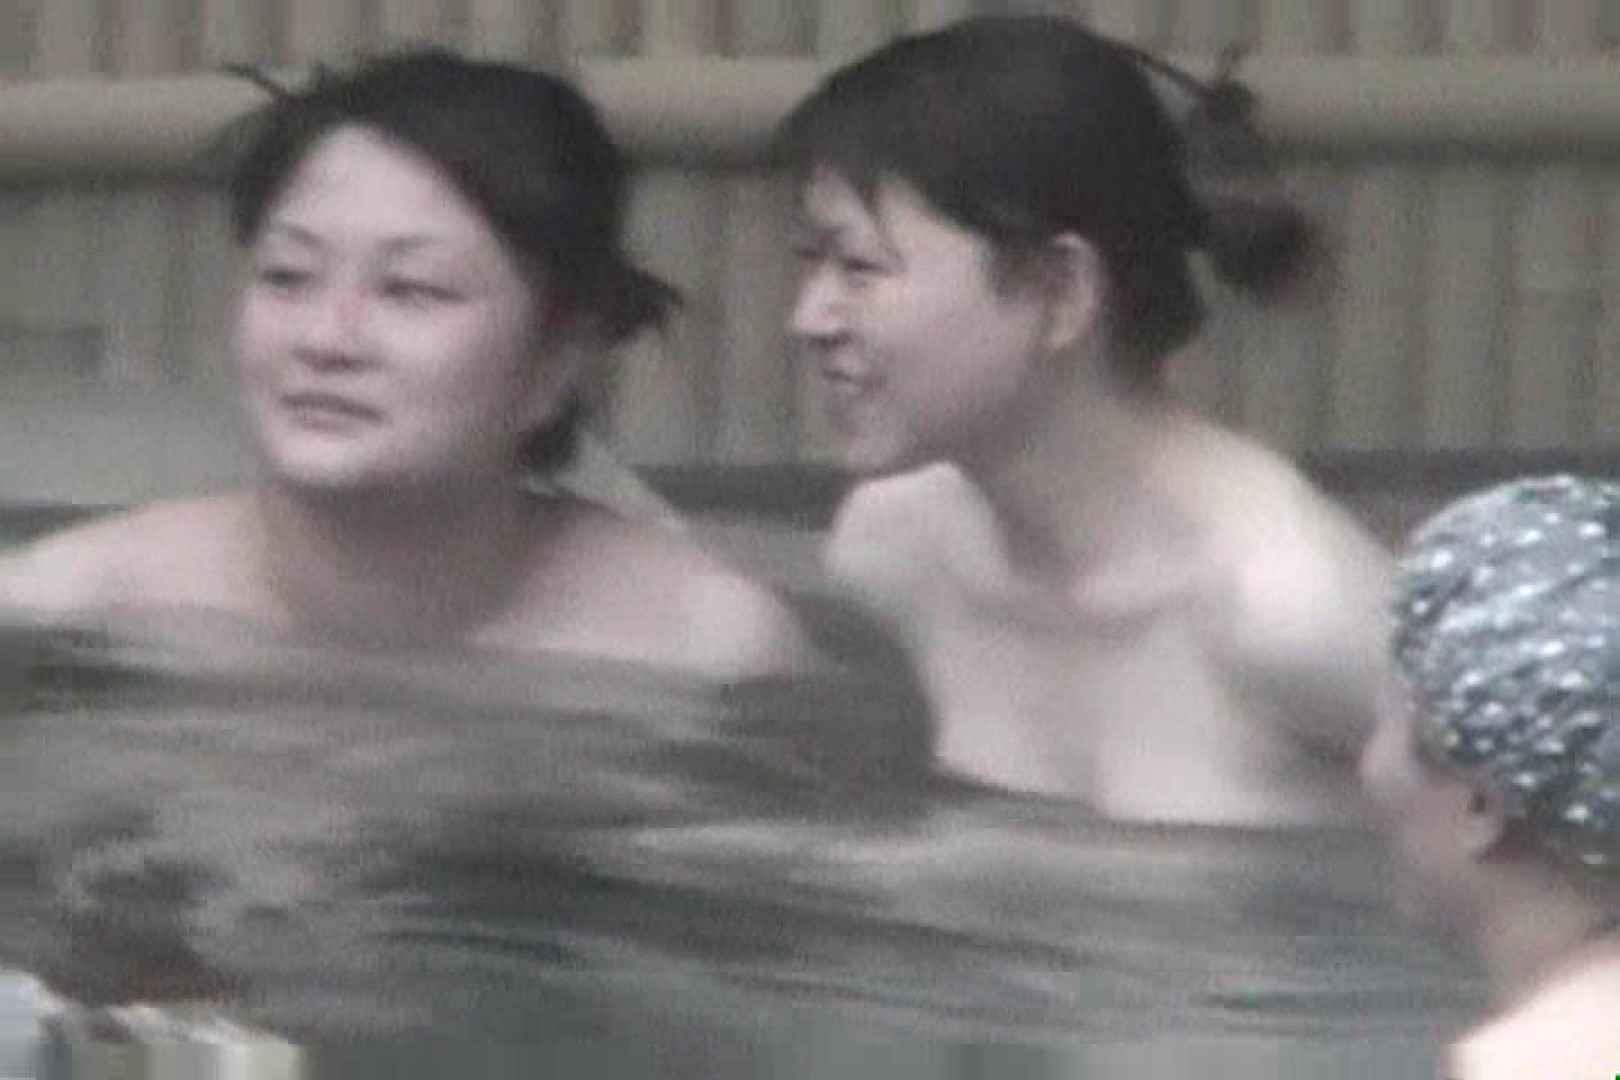 Aquaな露天風呂Vol.555 盗撮  100画像 15